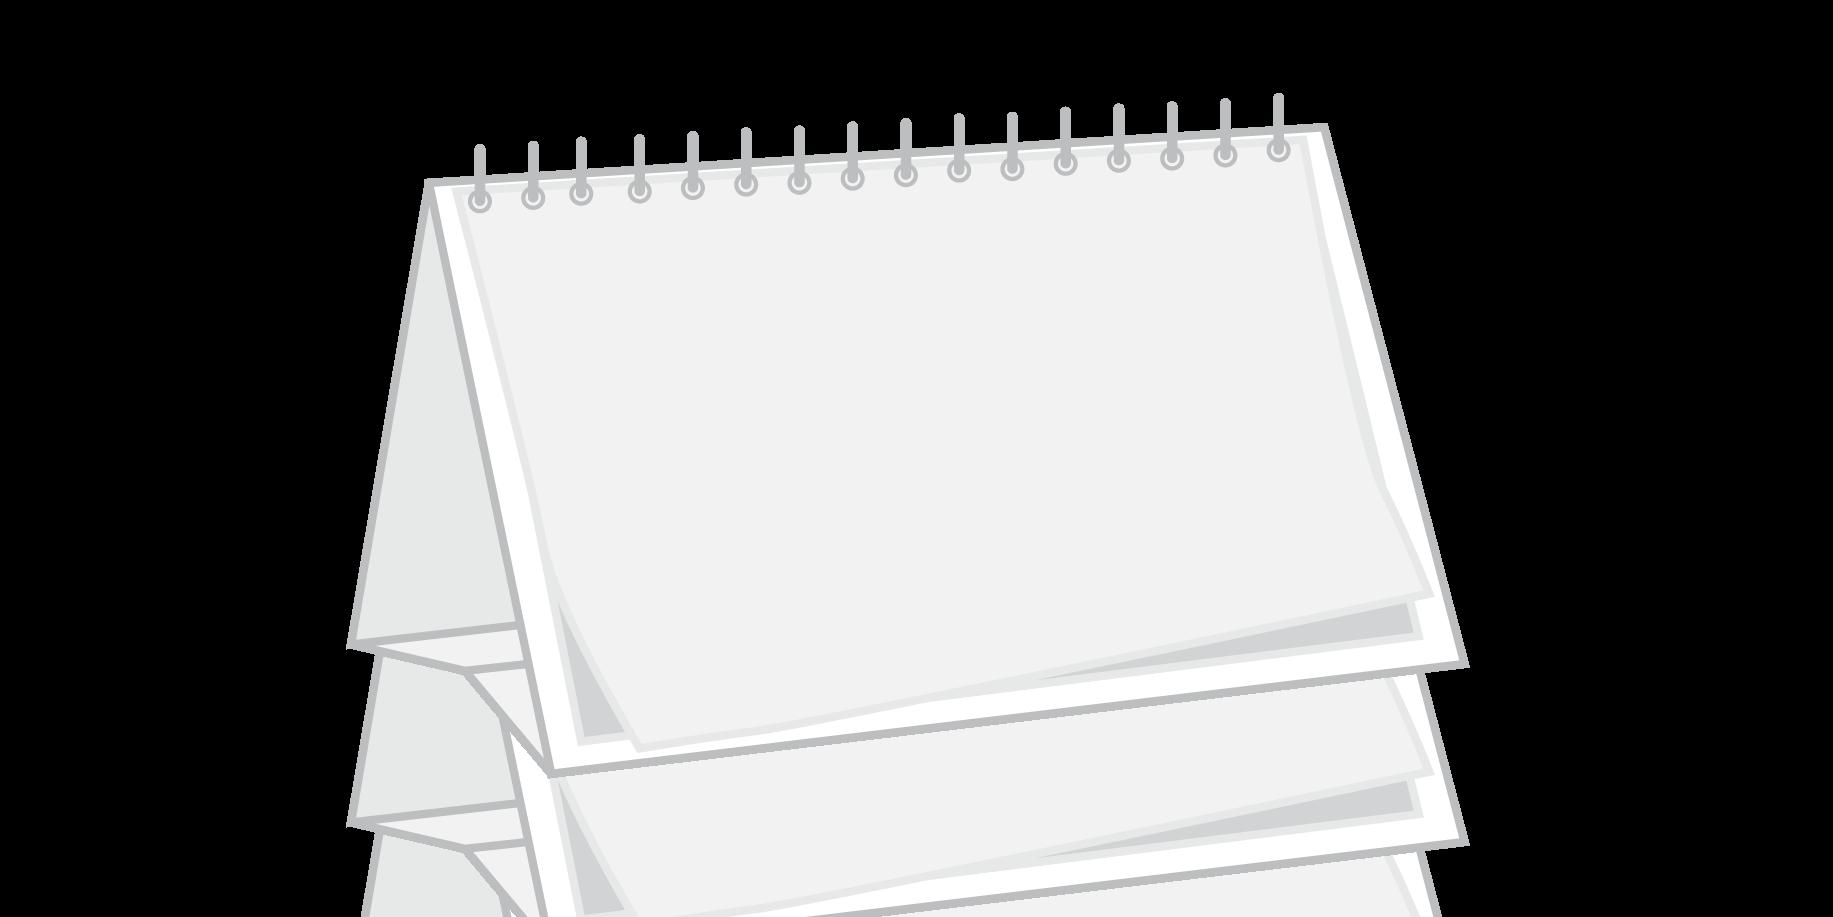 StudioKalendarzy.pl - kalendarze biurkowe indywidualne panoramiczne